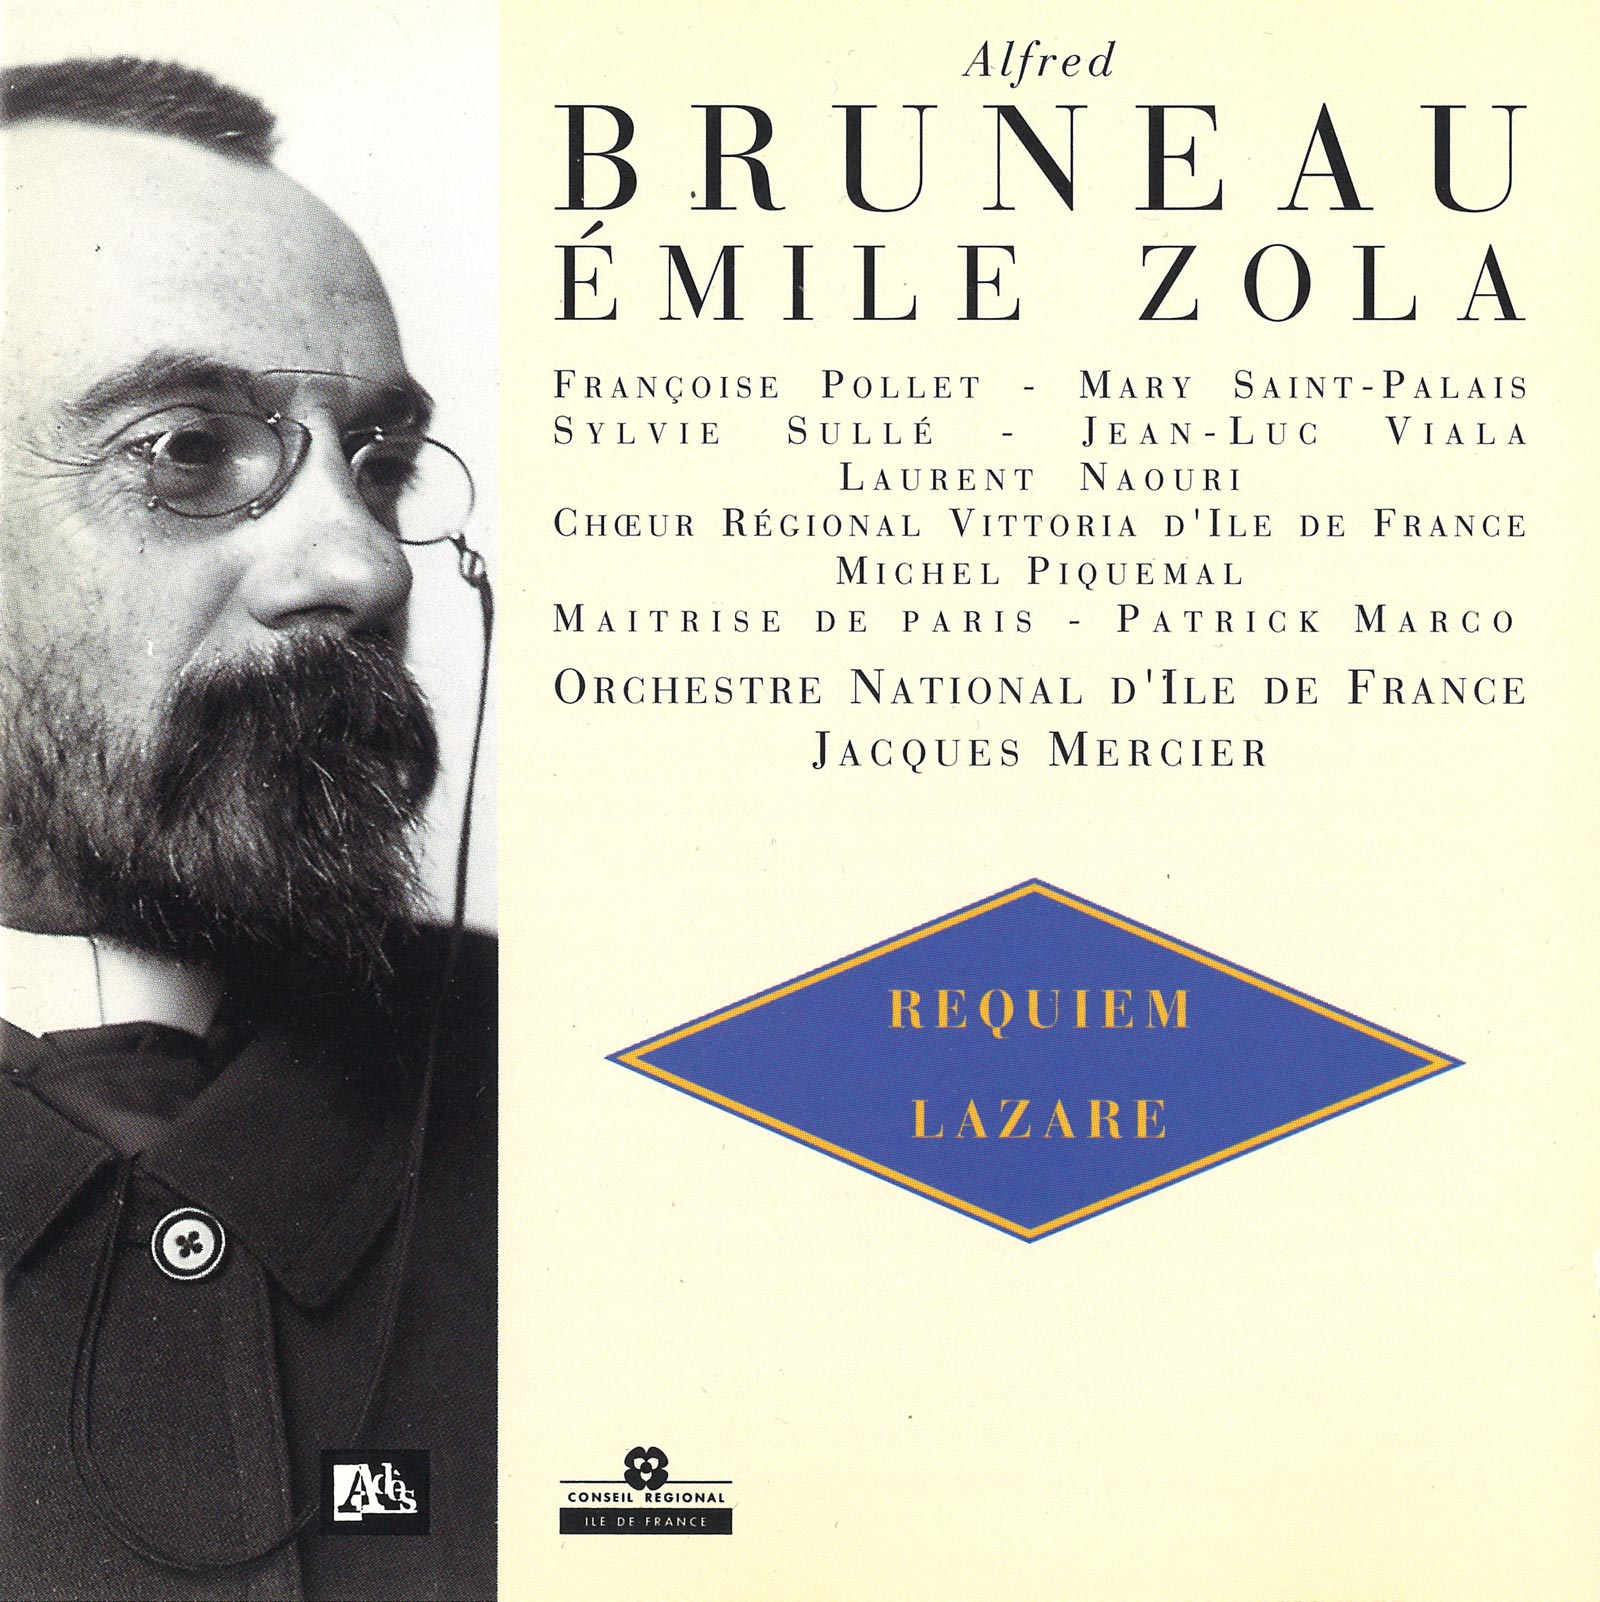 Bruneau